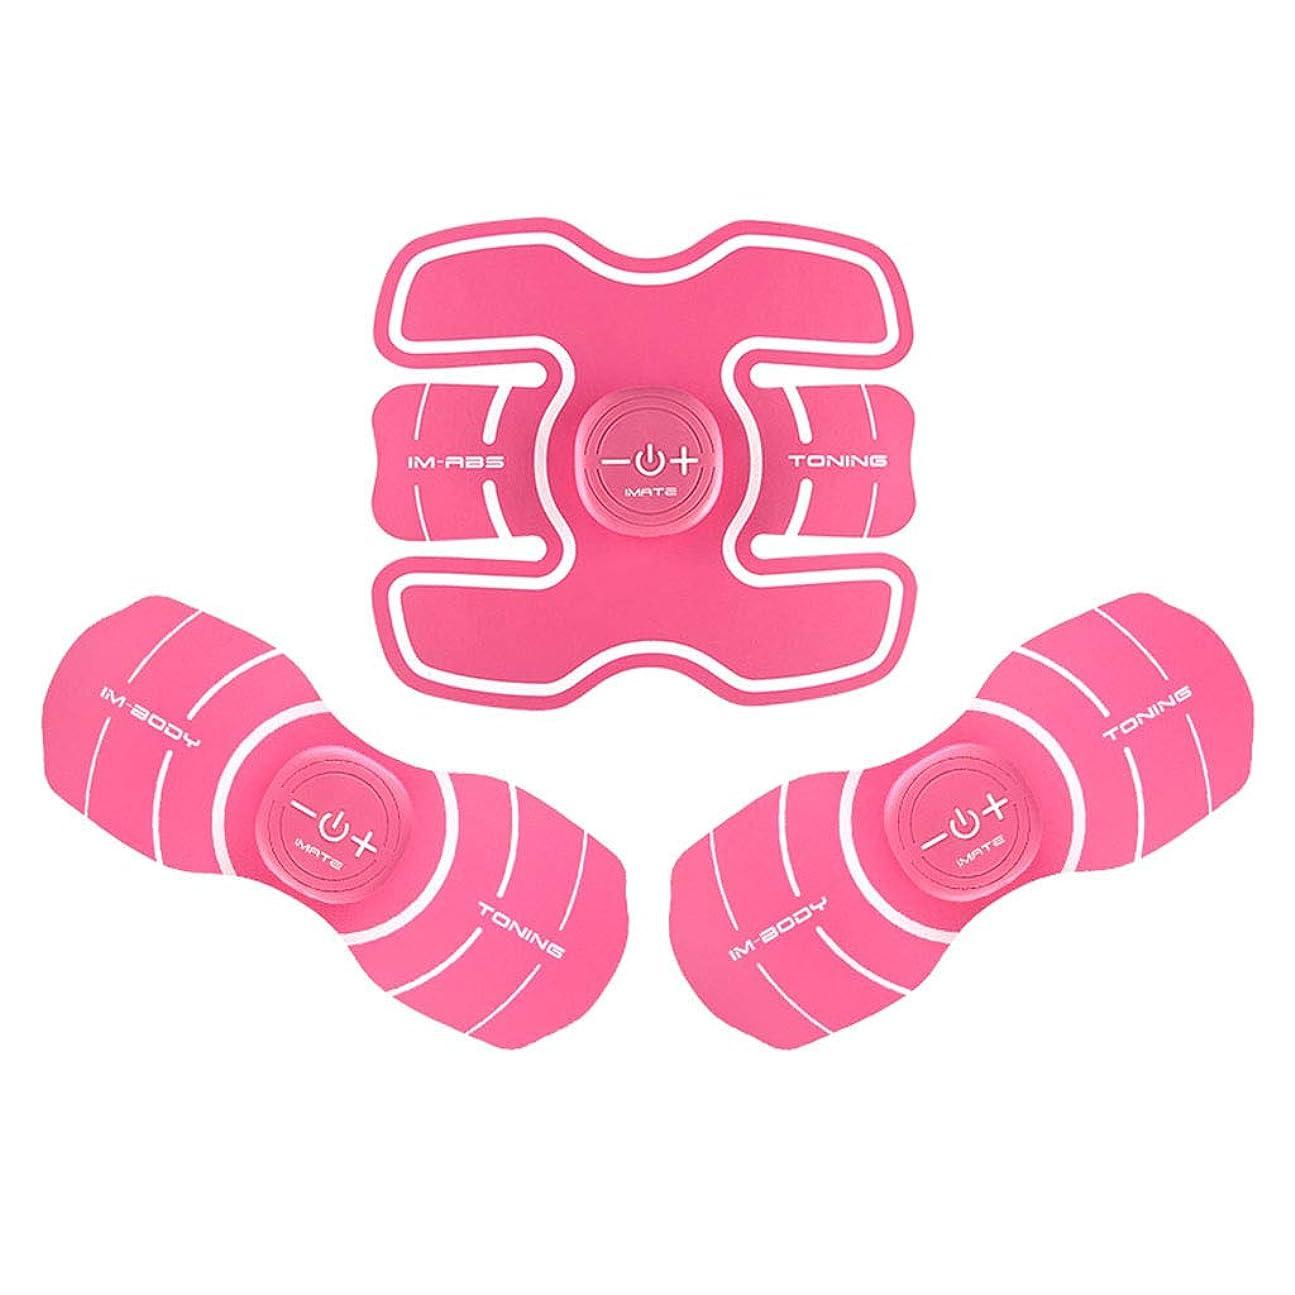 虚偽災難ワックスフィットネス薄いベルト、腹筋トレーナーボディービル腹部ベルトレイジーボディシェーピング筋肉刺激装置ホームオフィスレディース減量機器トレーナー腹サポートベルトジムトレーニングエクササイズマシン (Color : PINK, Size : 46.5*46.5*14.5CM)